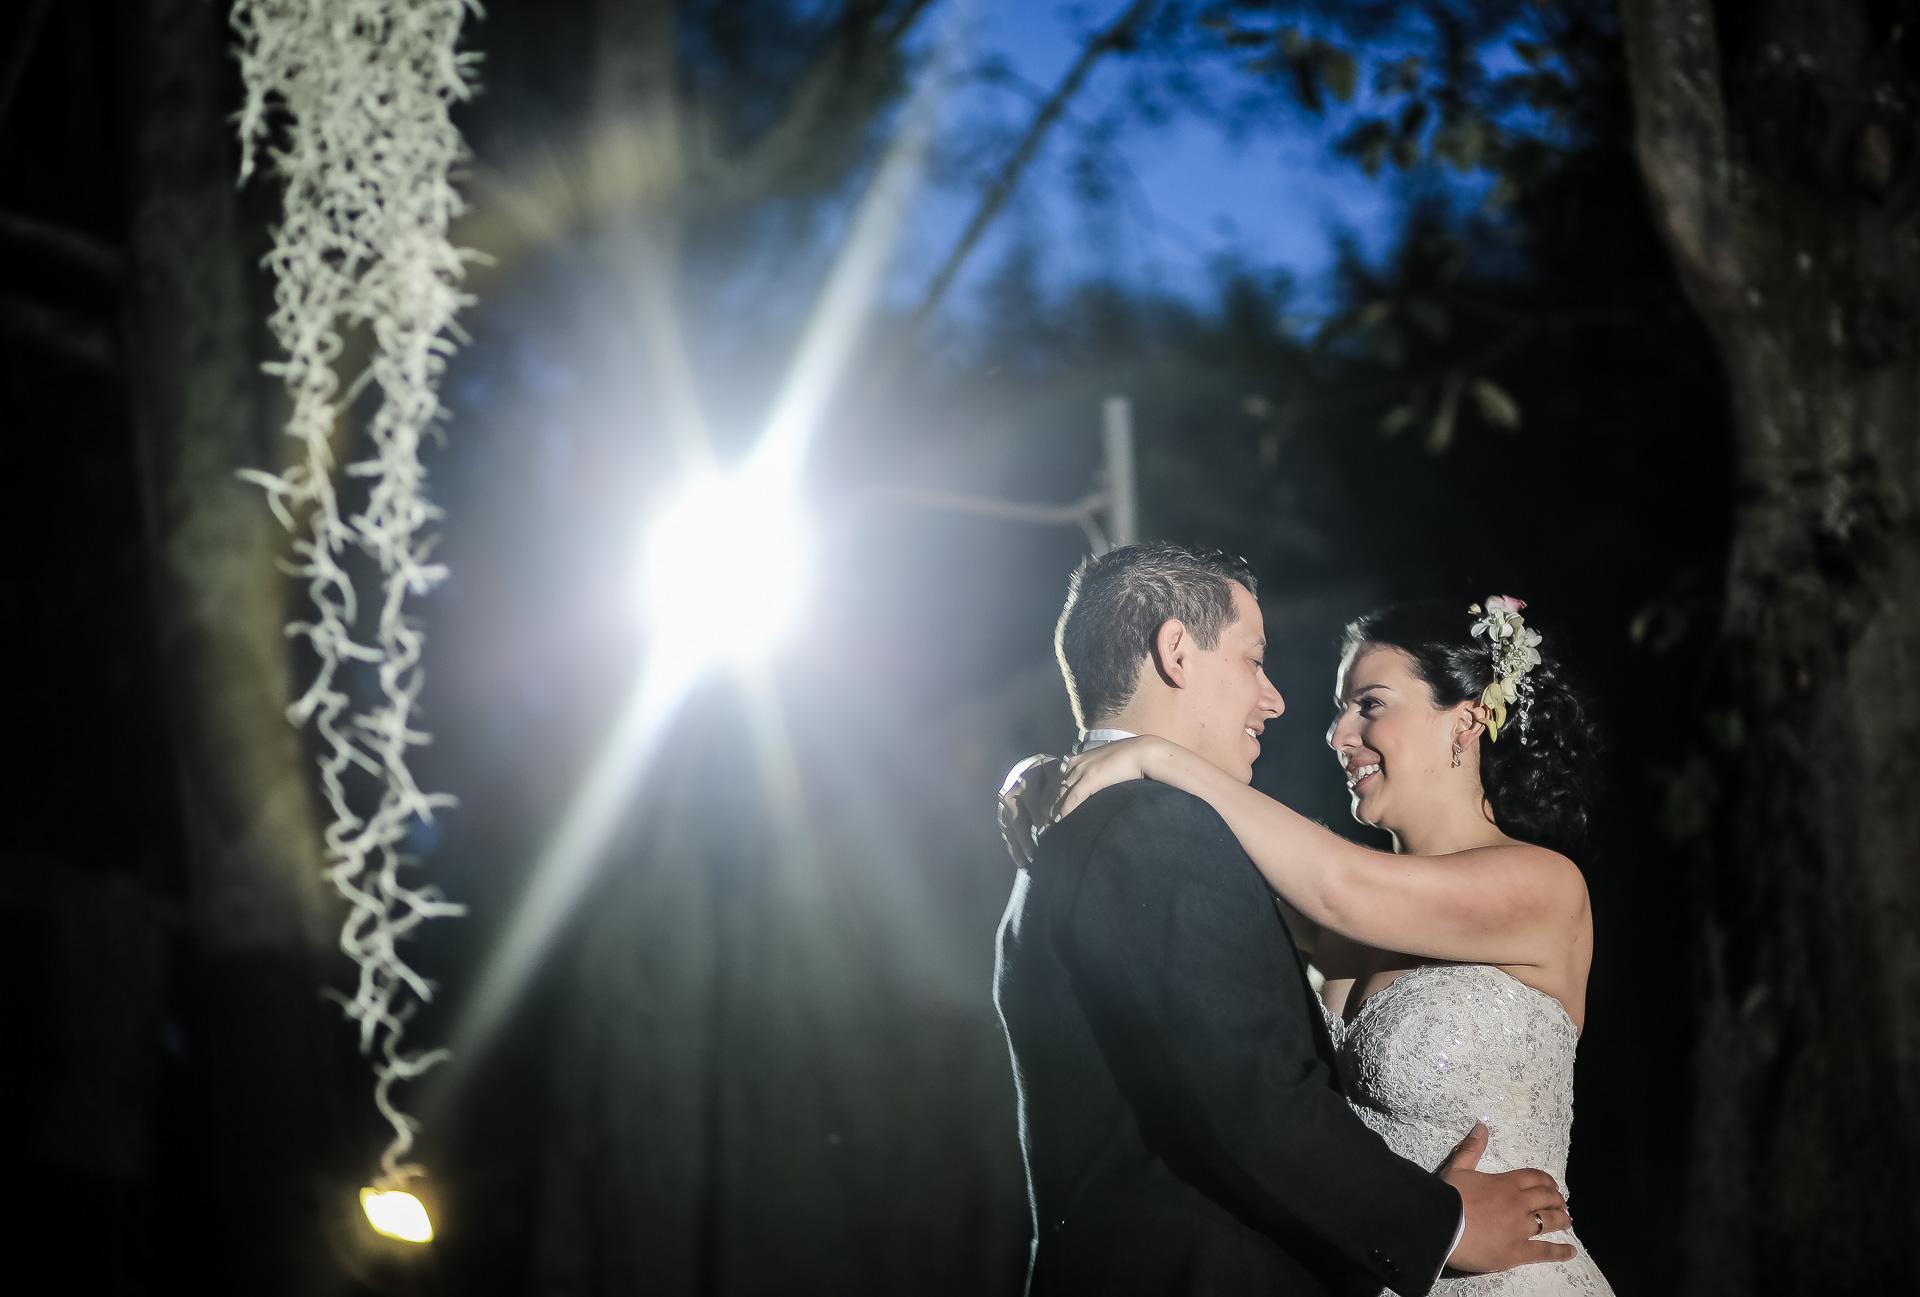 Fotógrafos-de-bodas-en-Colombia-Angela-y-Camilo-22 ANGELA + CAMILO